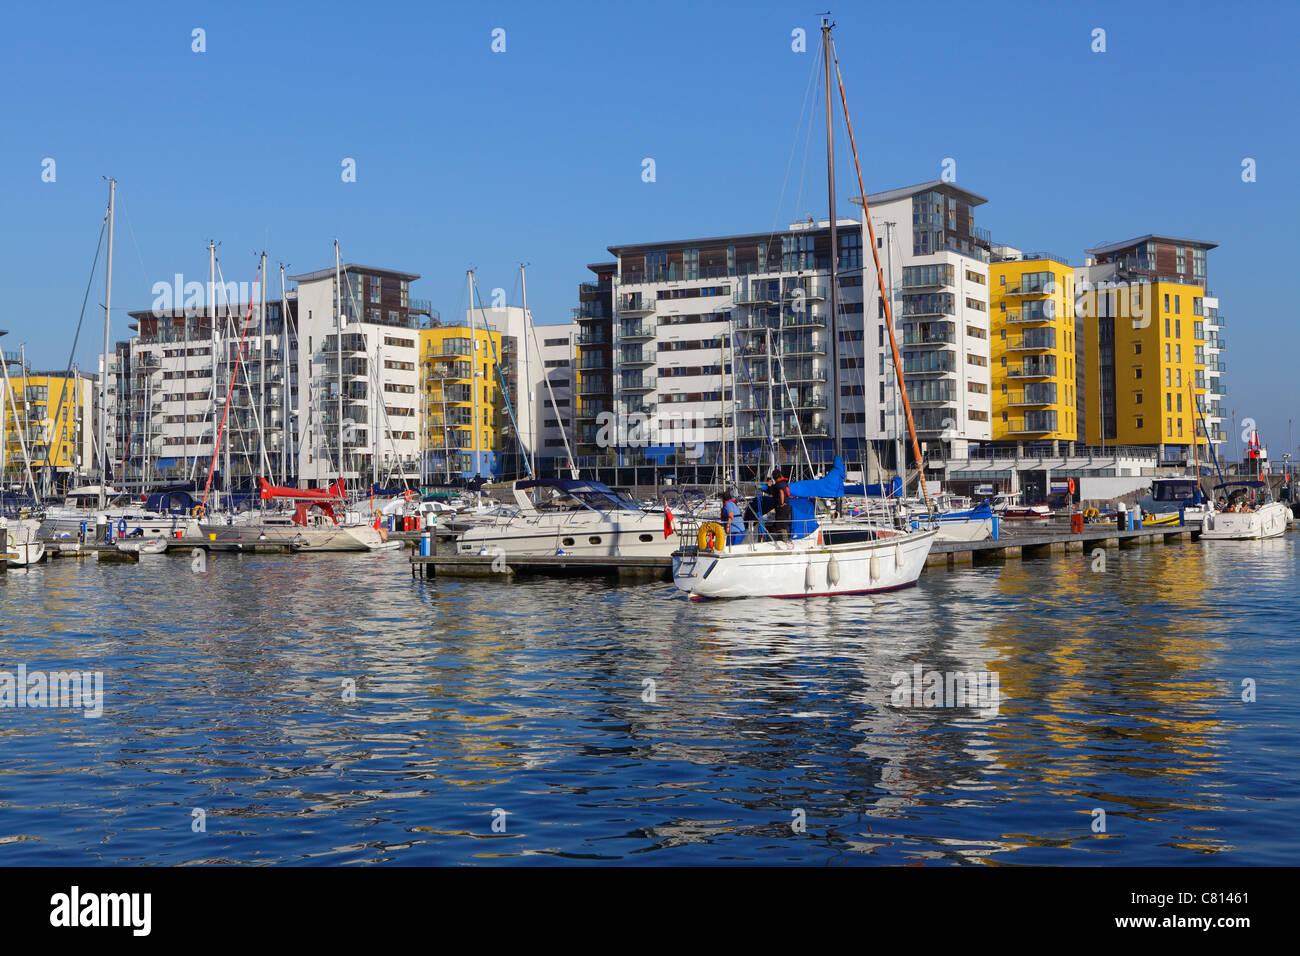 Appartements donnant sur le port de plaisance souverain Eastbourne East Sussex UK GO Photo Stock